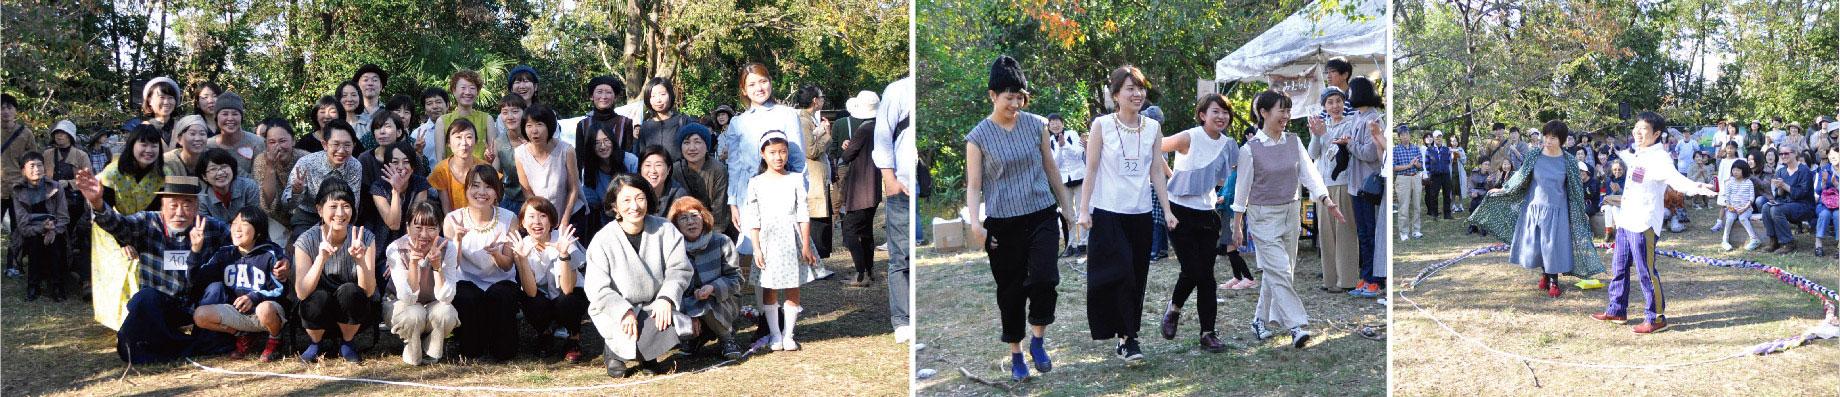 星ヶ丘洋裁学校生徒企画ファッションショー2019